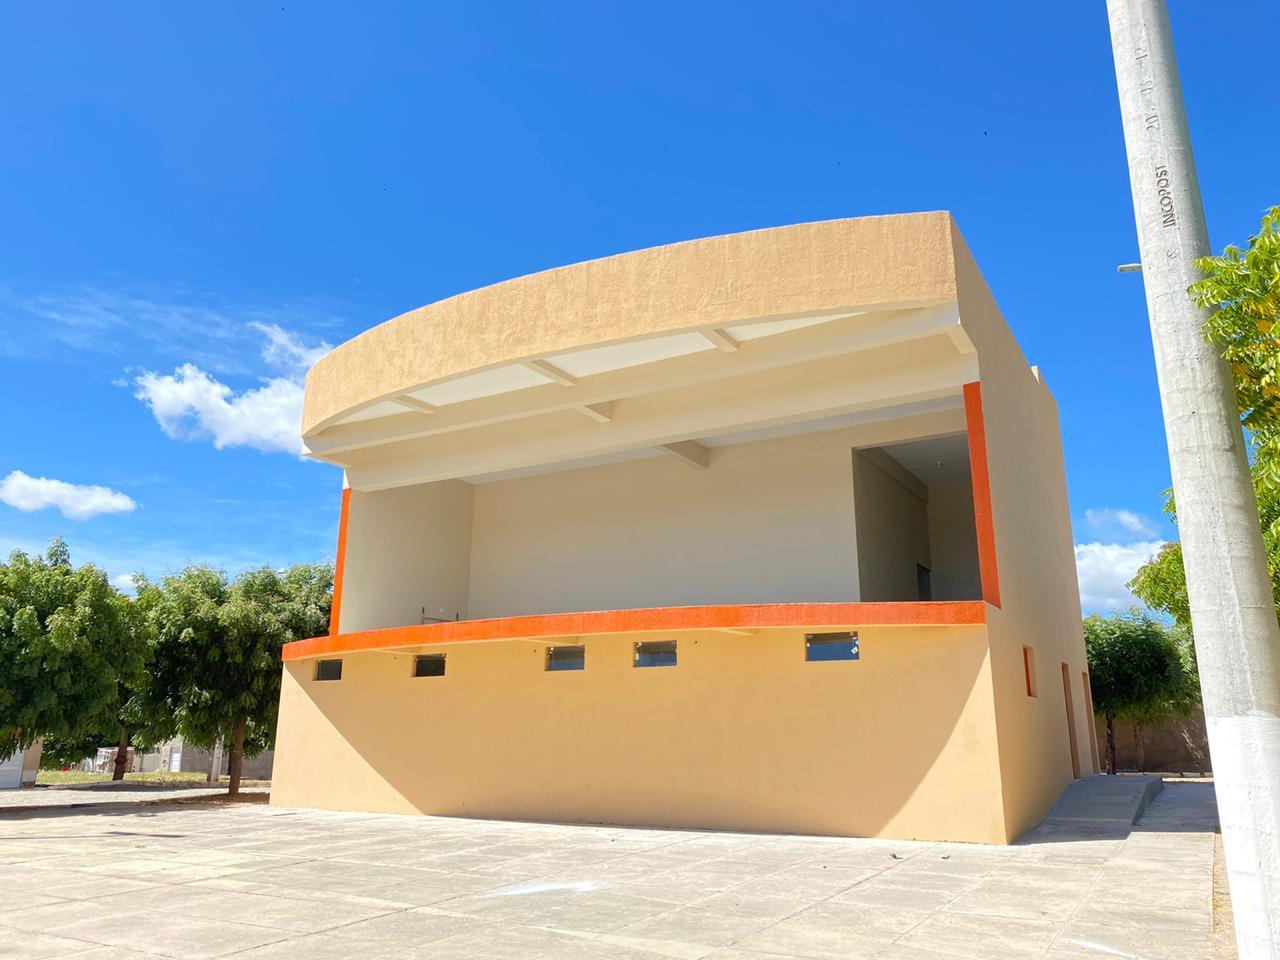 Prefeitura de Mato Grosso conclui Palco do Parque do Povo, obra abandonada pela gestão anterior